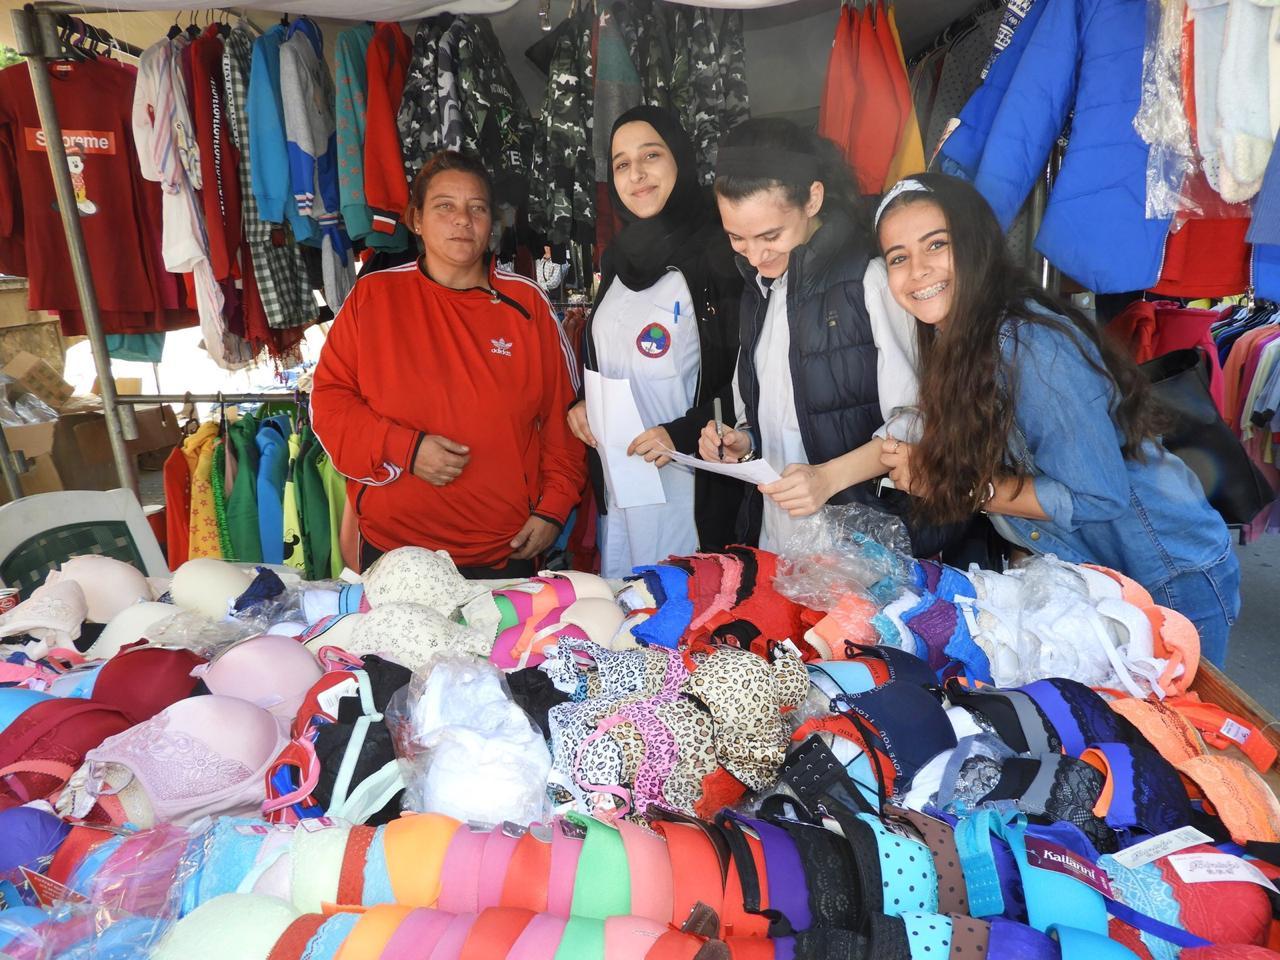 Estudiantes en el mercado libanés